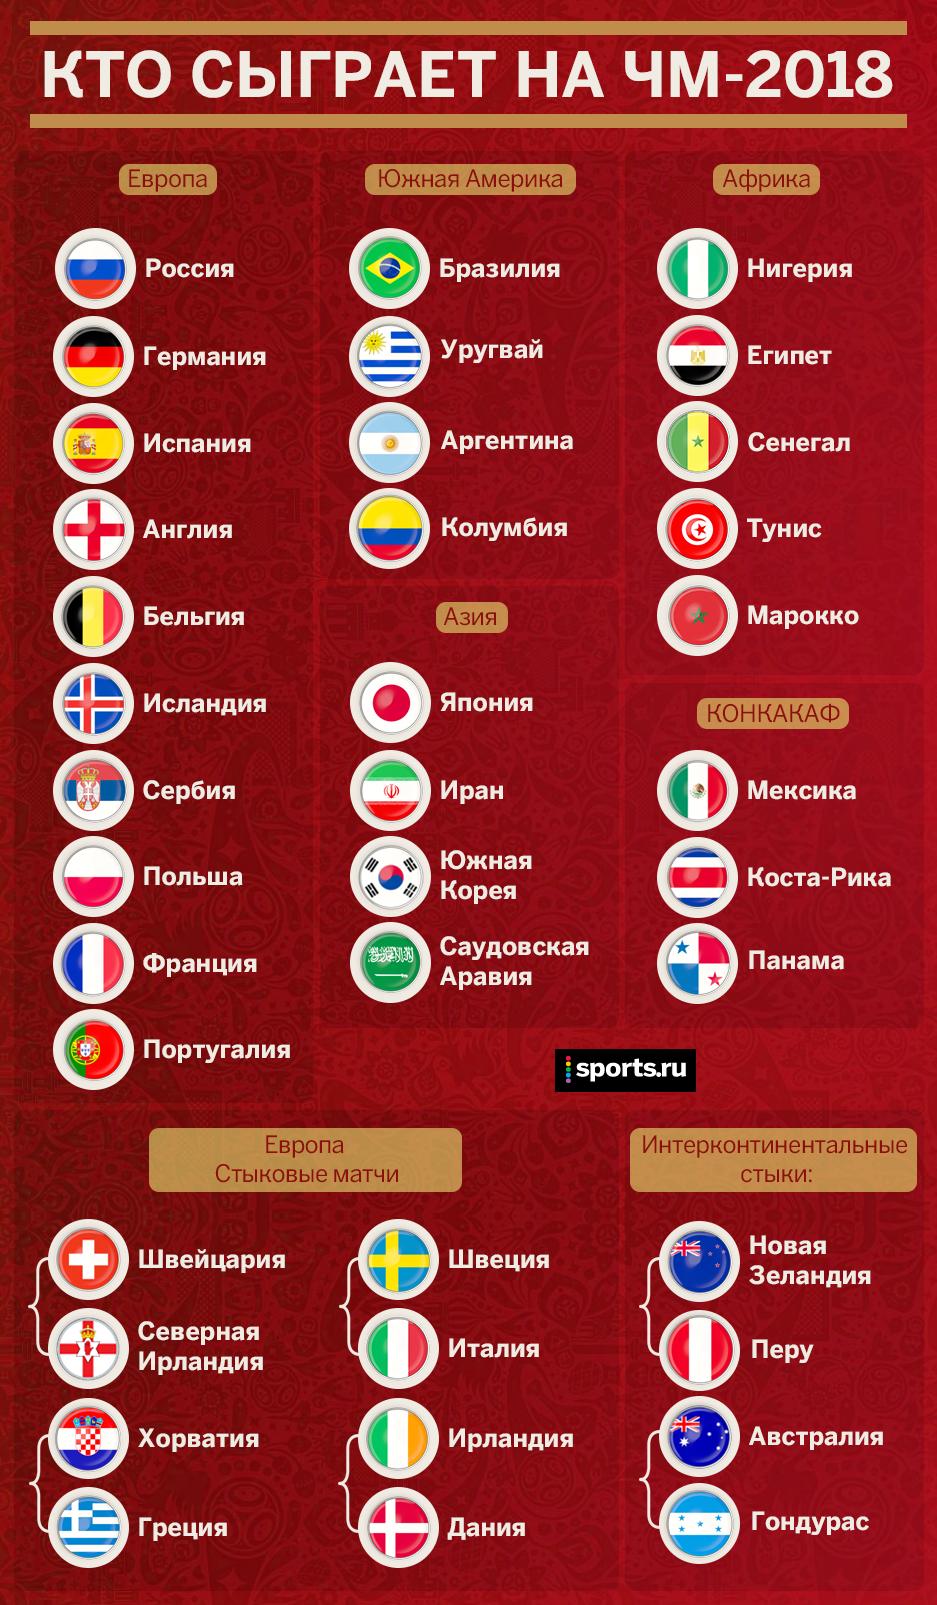 чемпионат мира 2018 по футболу таблица